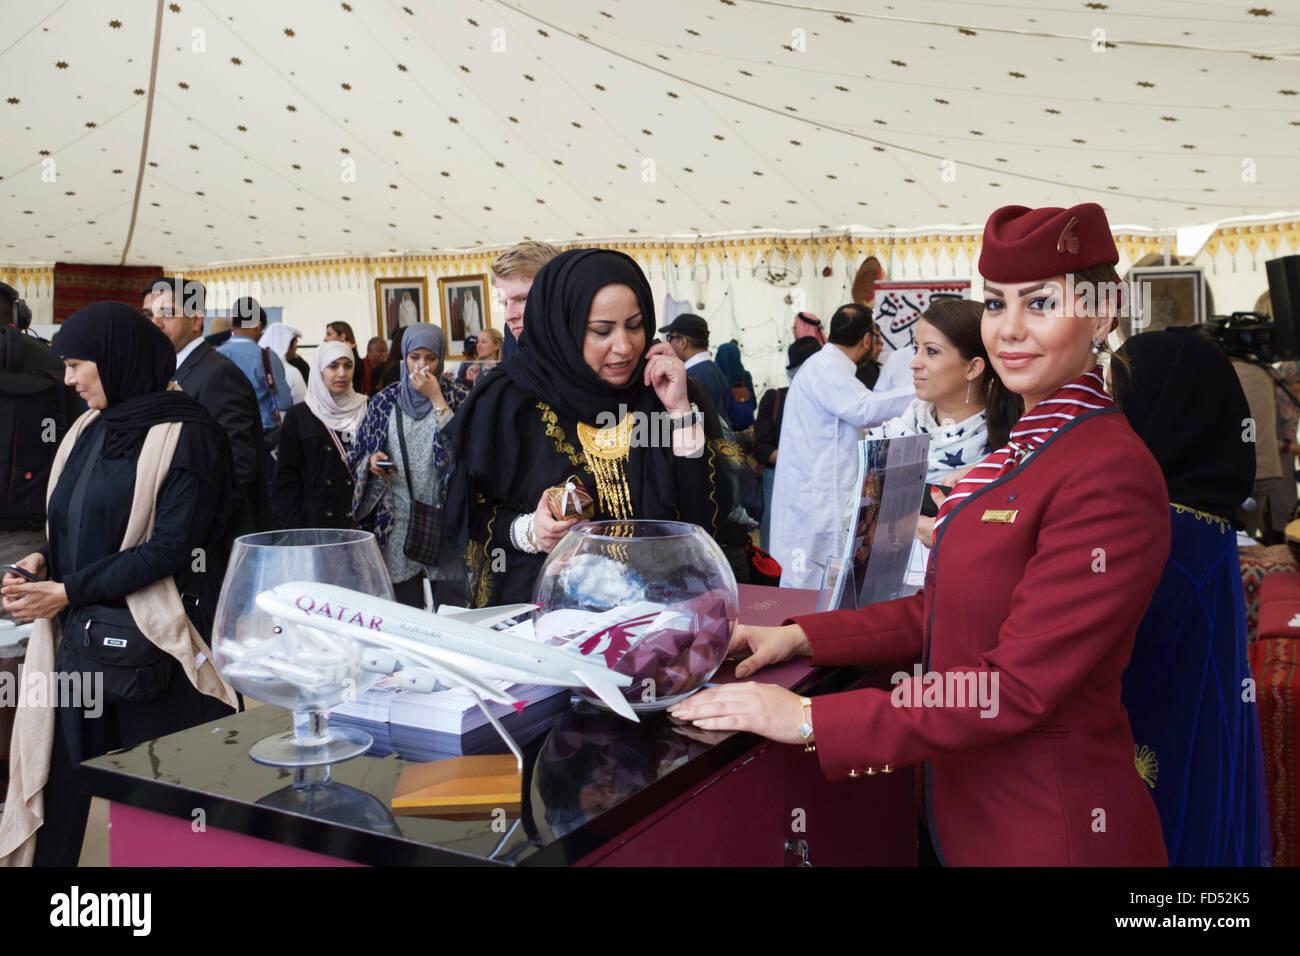 Ein Qata nahen östlichen kulturelles Ereignis, mit Qata Airways, auf dem EID Festival in London UK. Stockbild